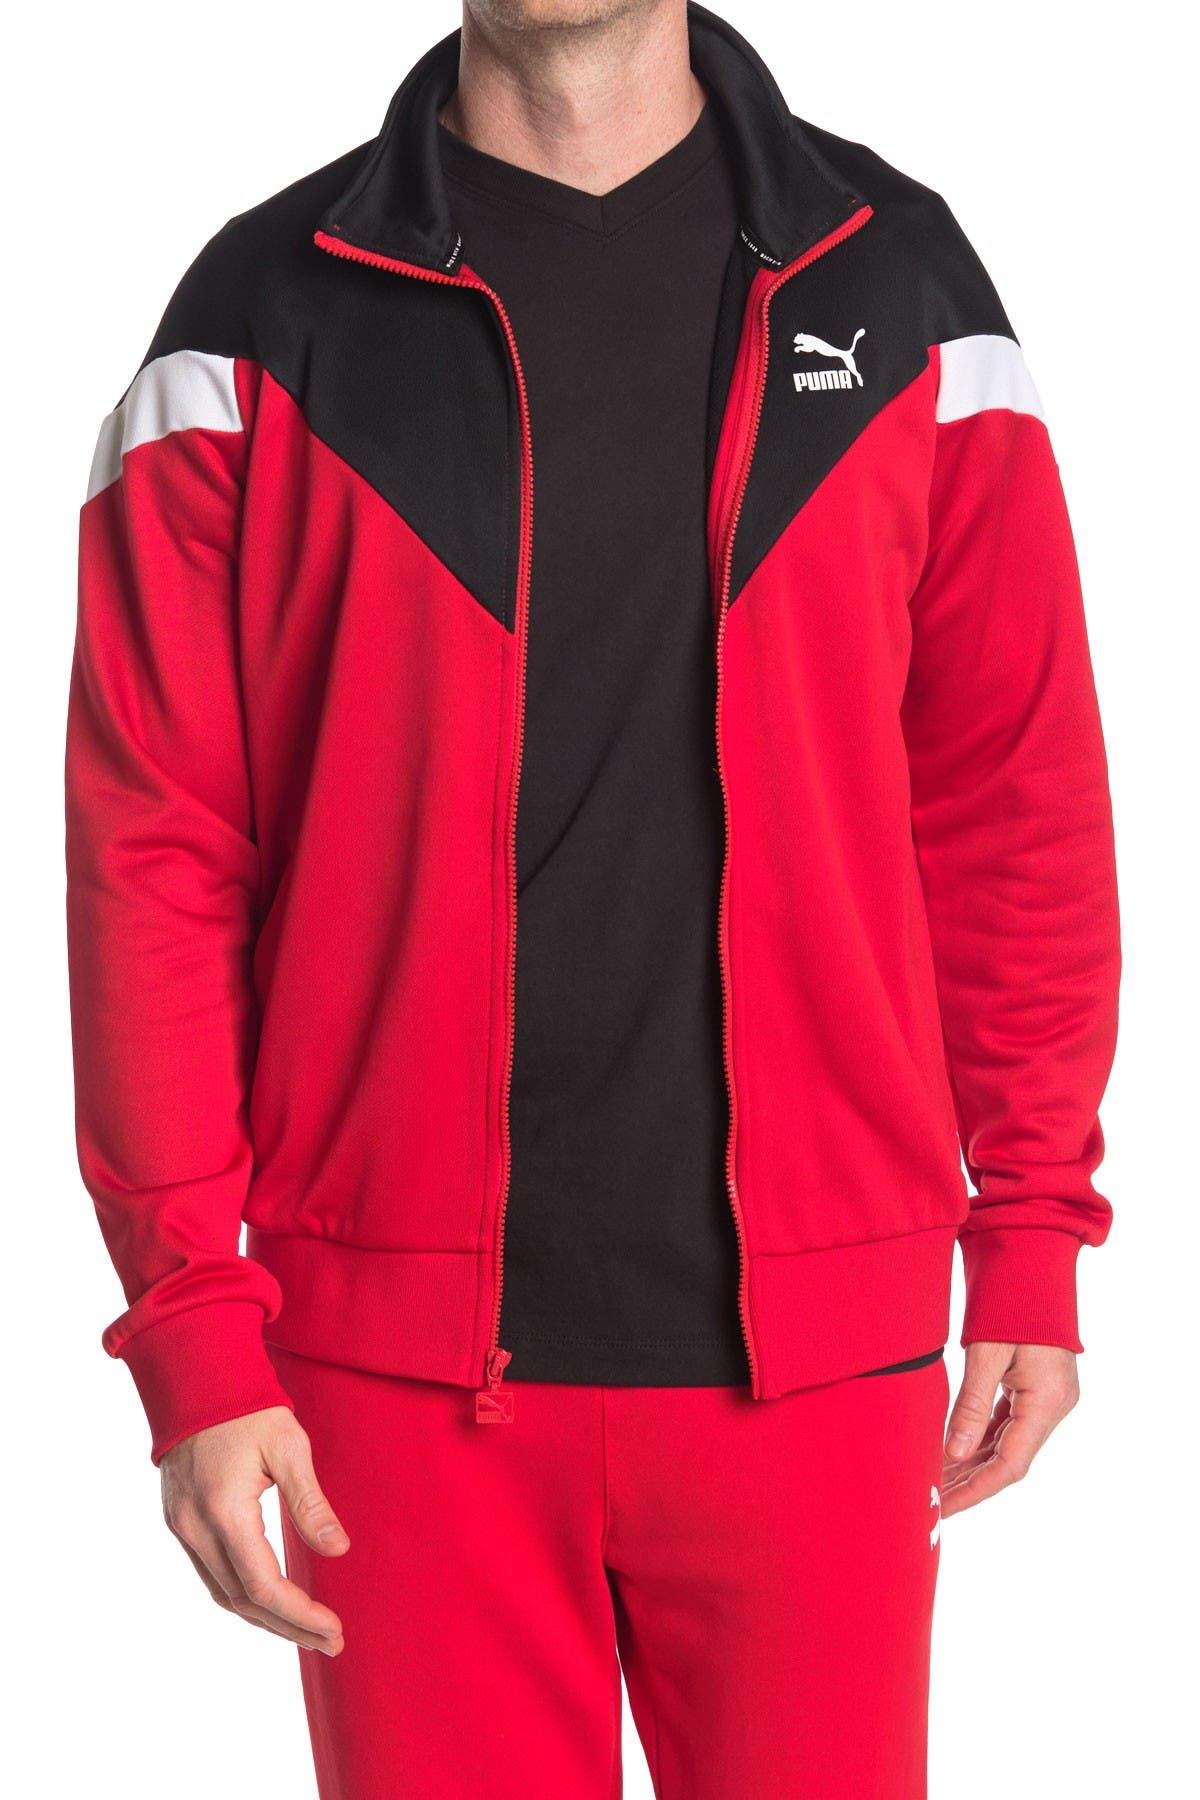 Image of PUMA Iconic MCS Full Zip Track Jacket